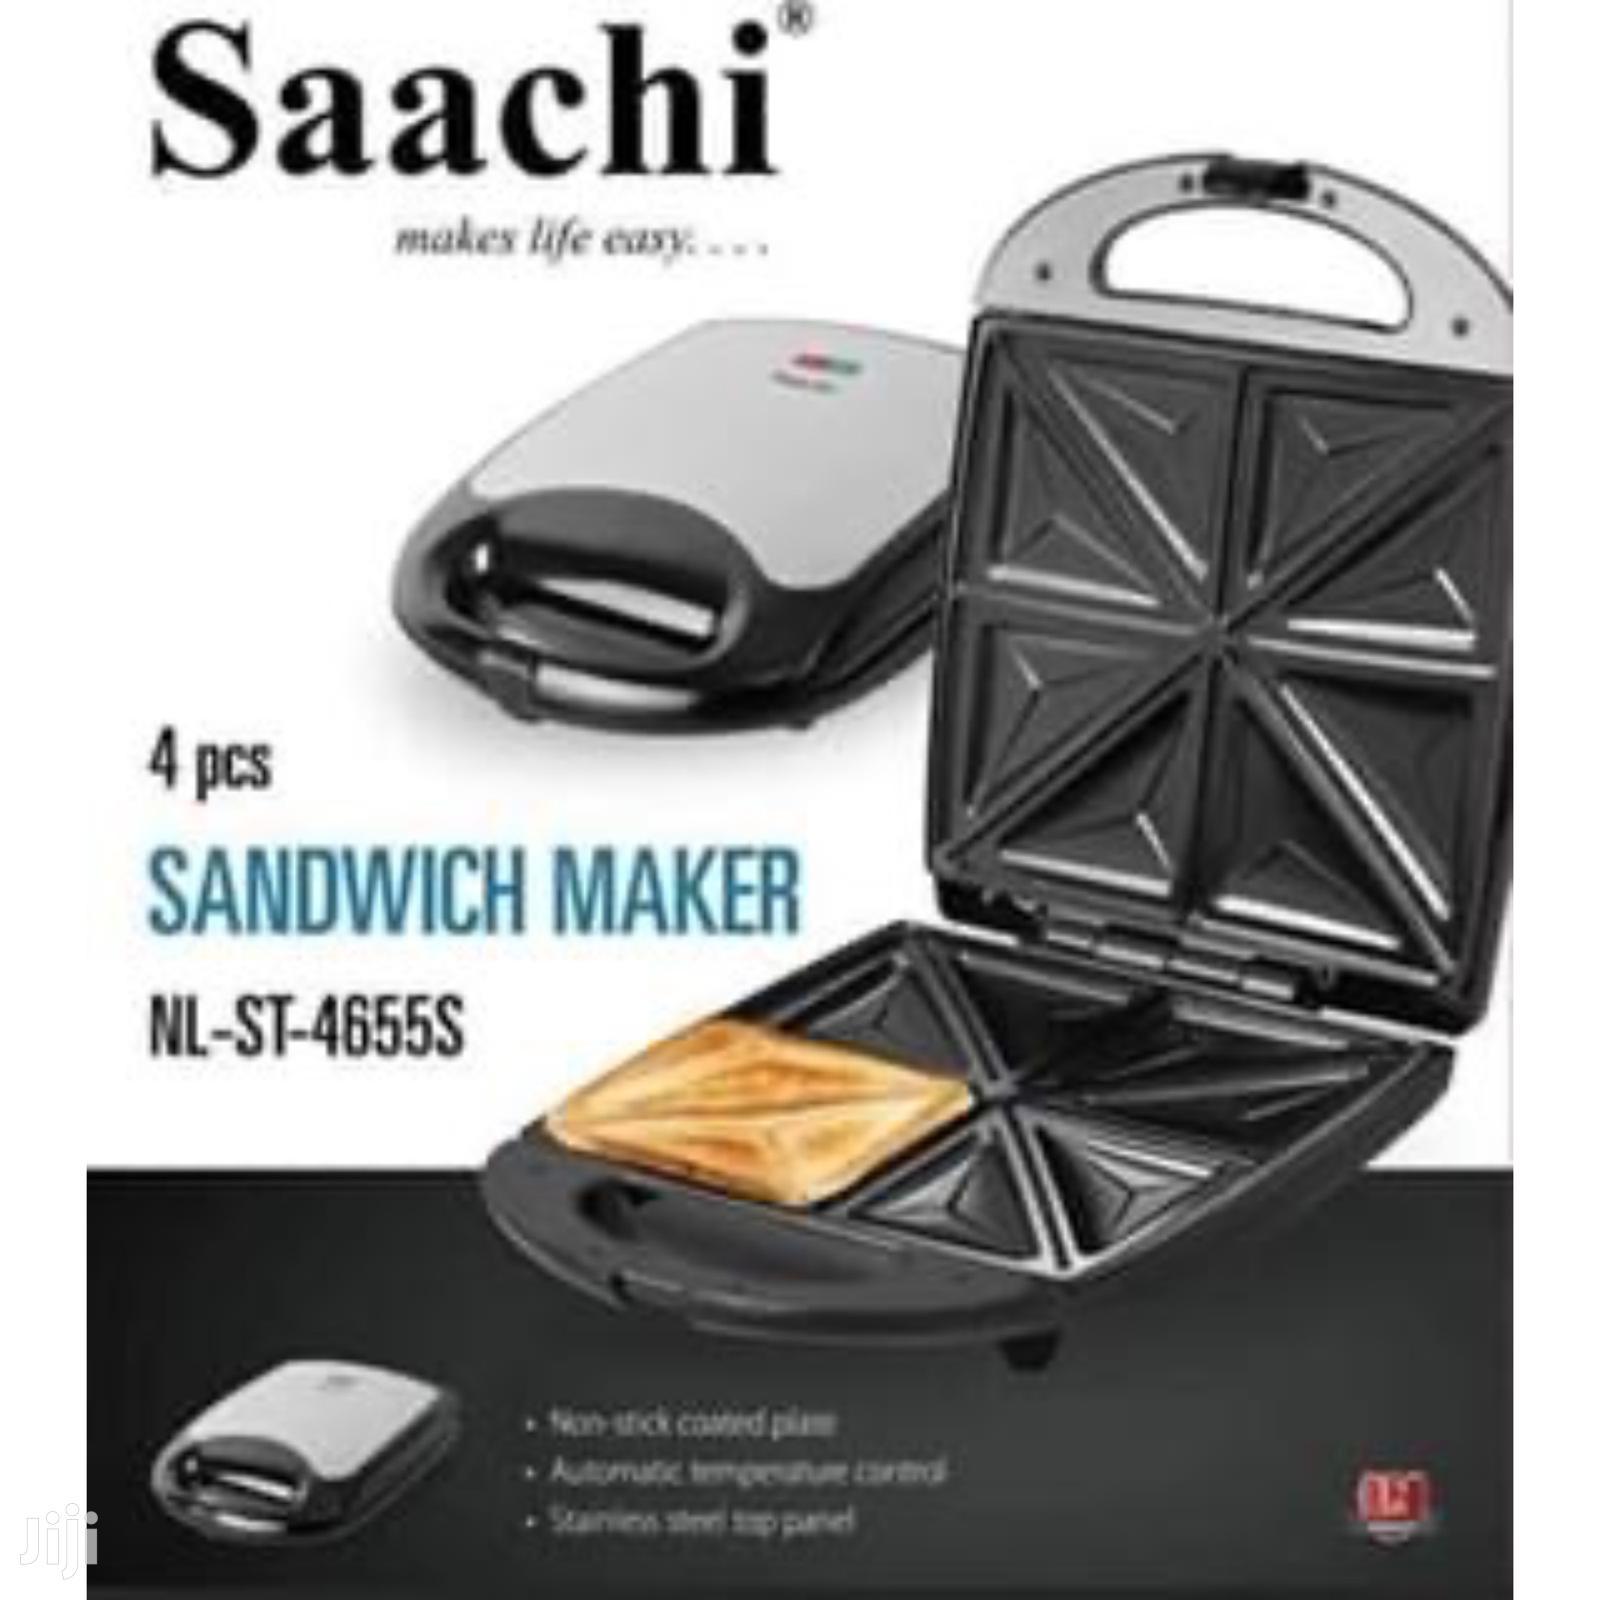 Saachi Sandwich Maker